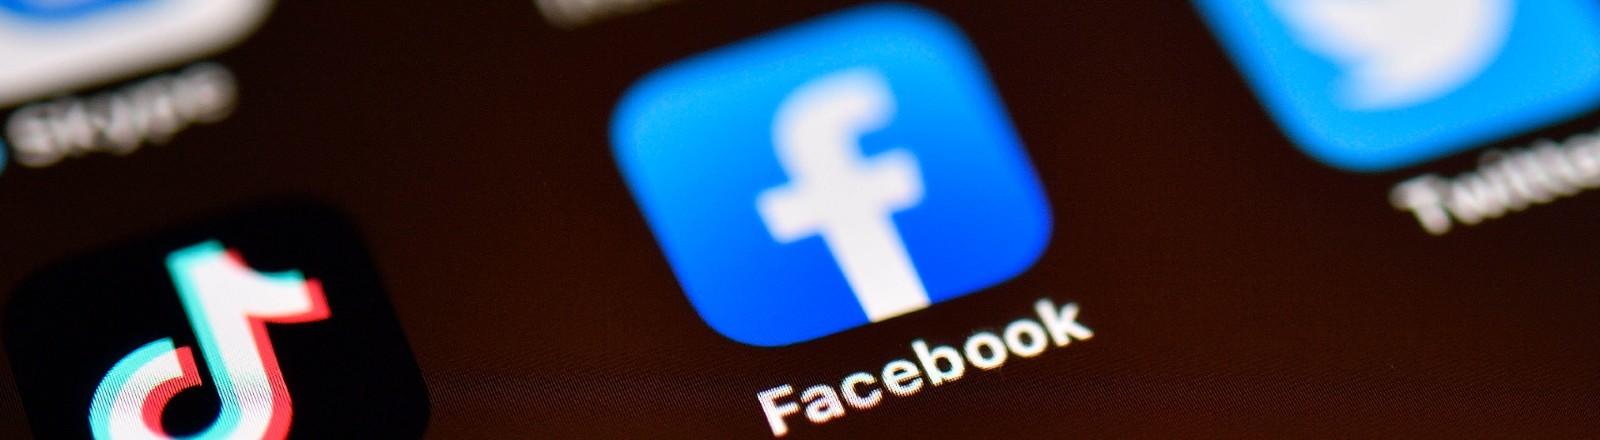 Icon der Facebook-App auf einem Ipad oder Smartphone